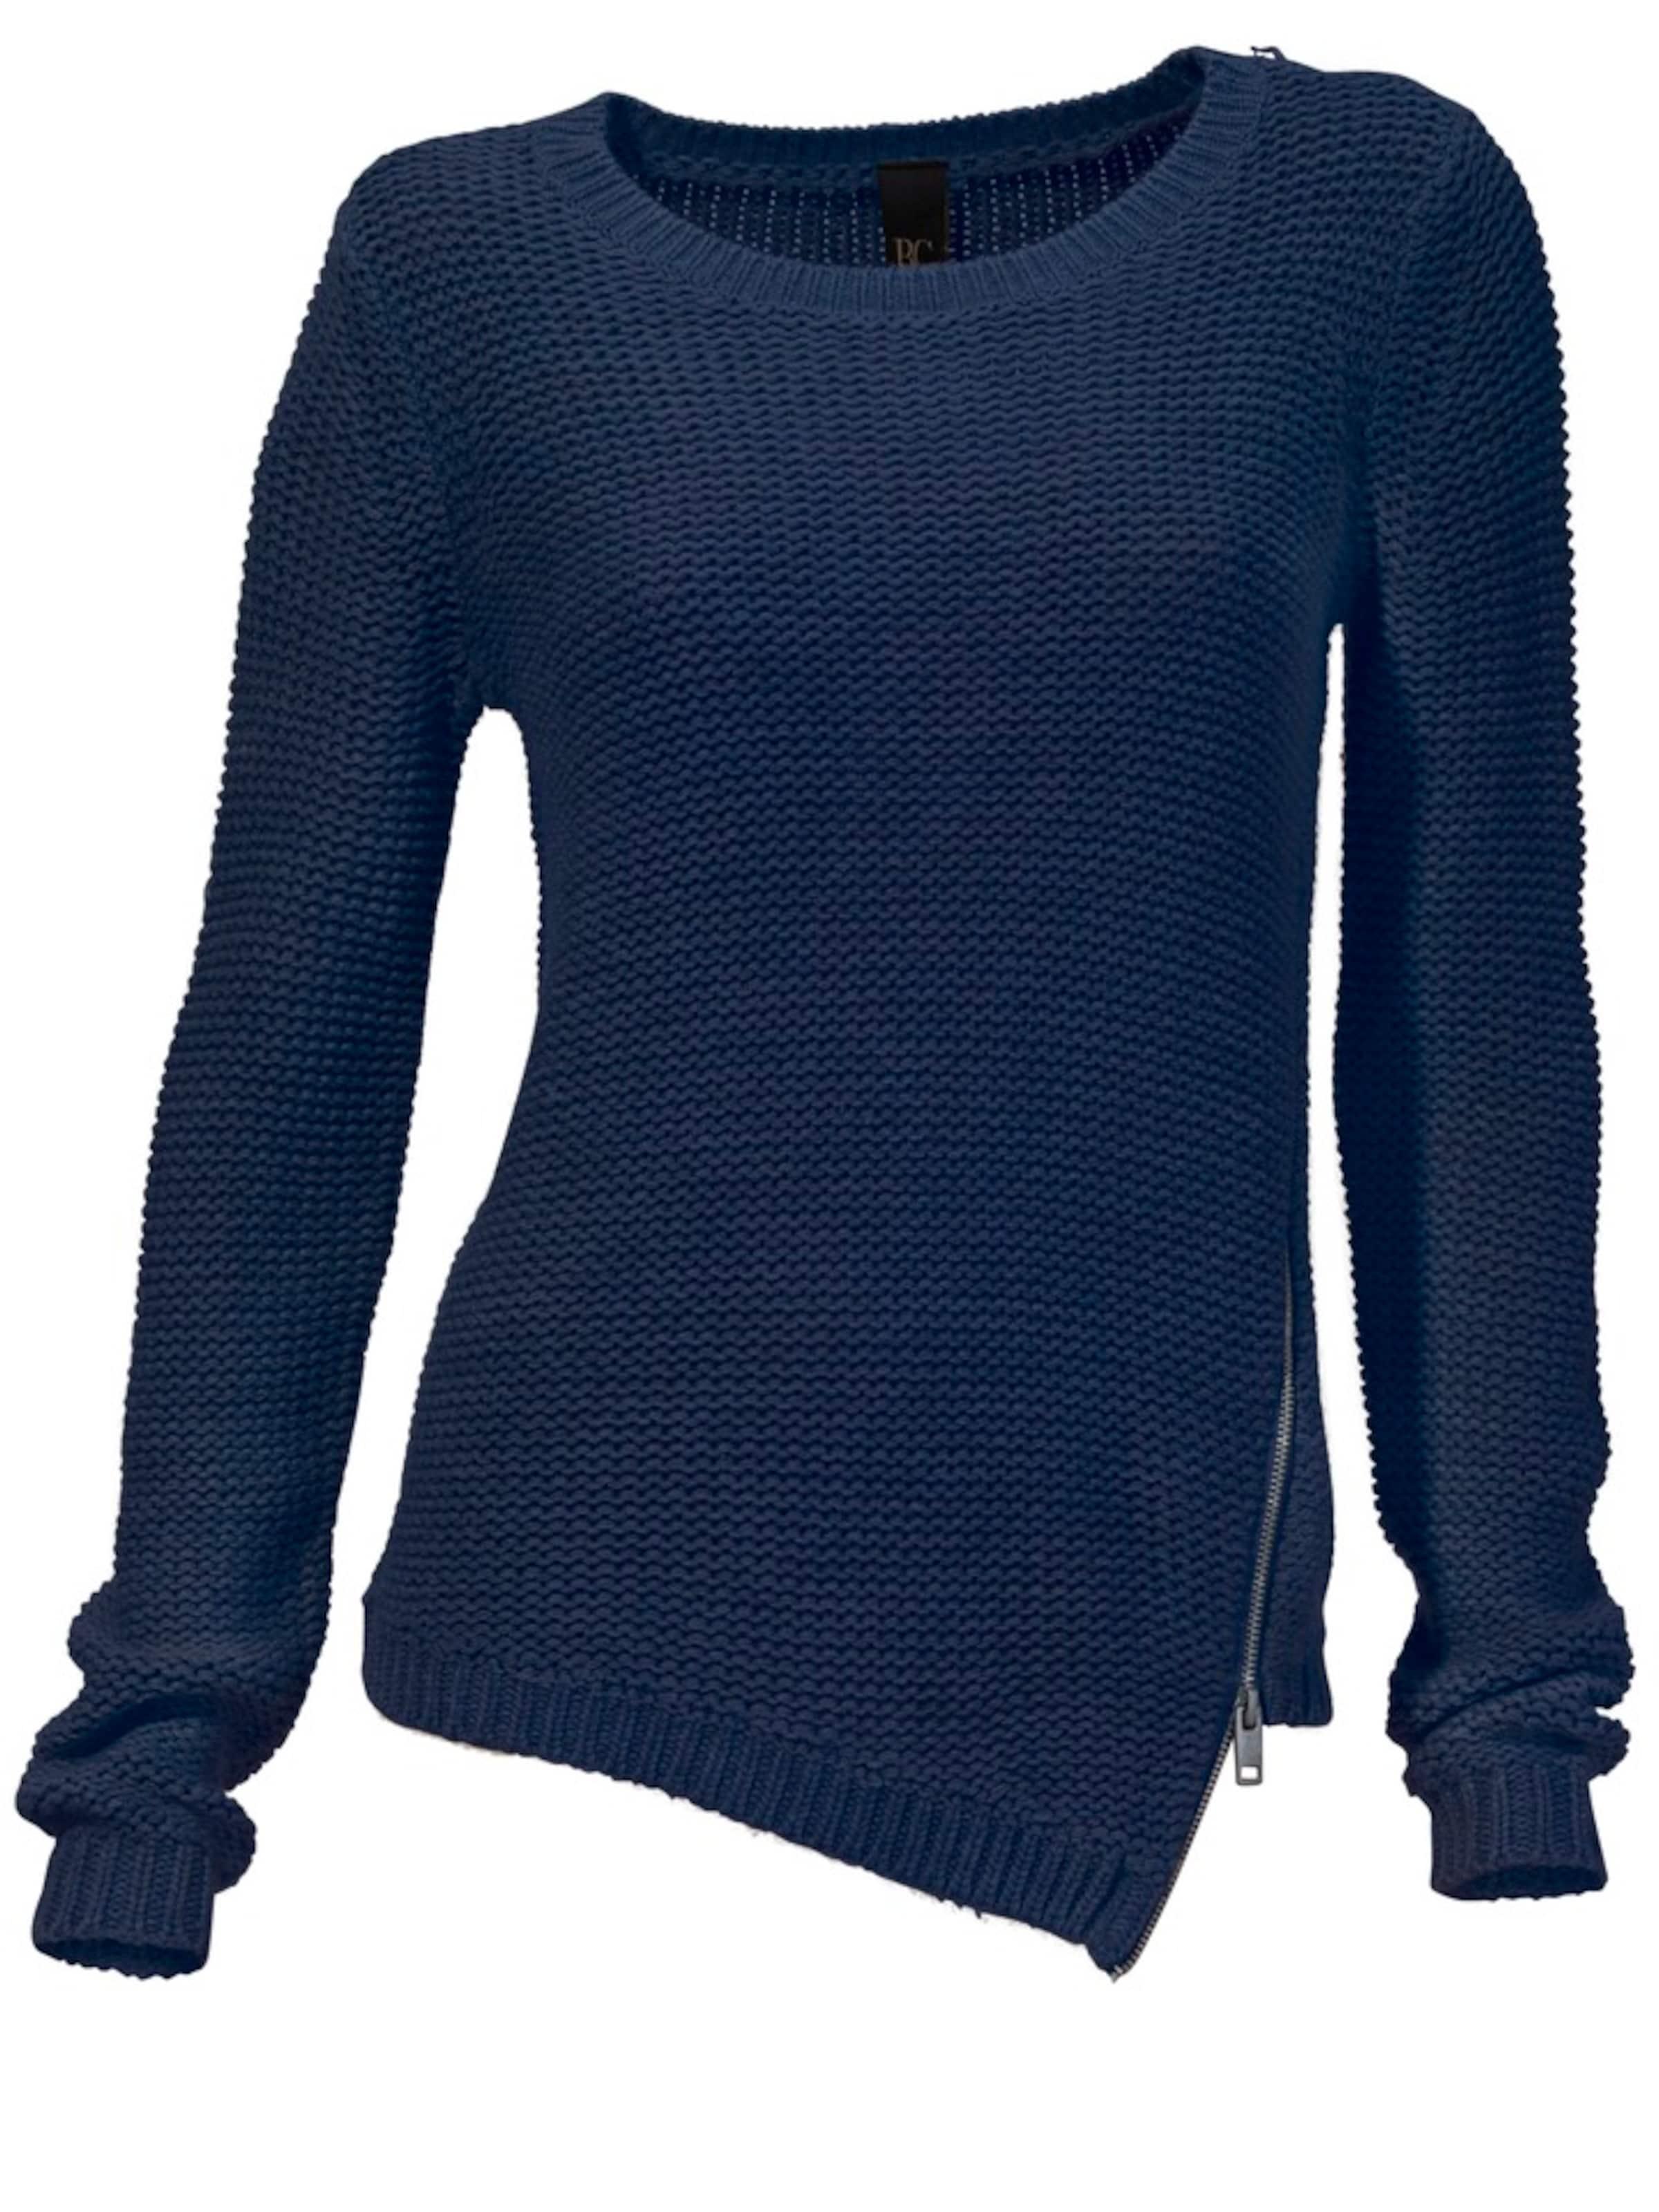 In Pullover Nachtblau Pullover In Nachtblau Heine In Heine Pullover Heine oxhQCBsdtr